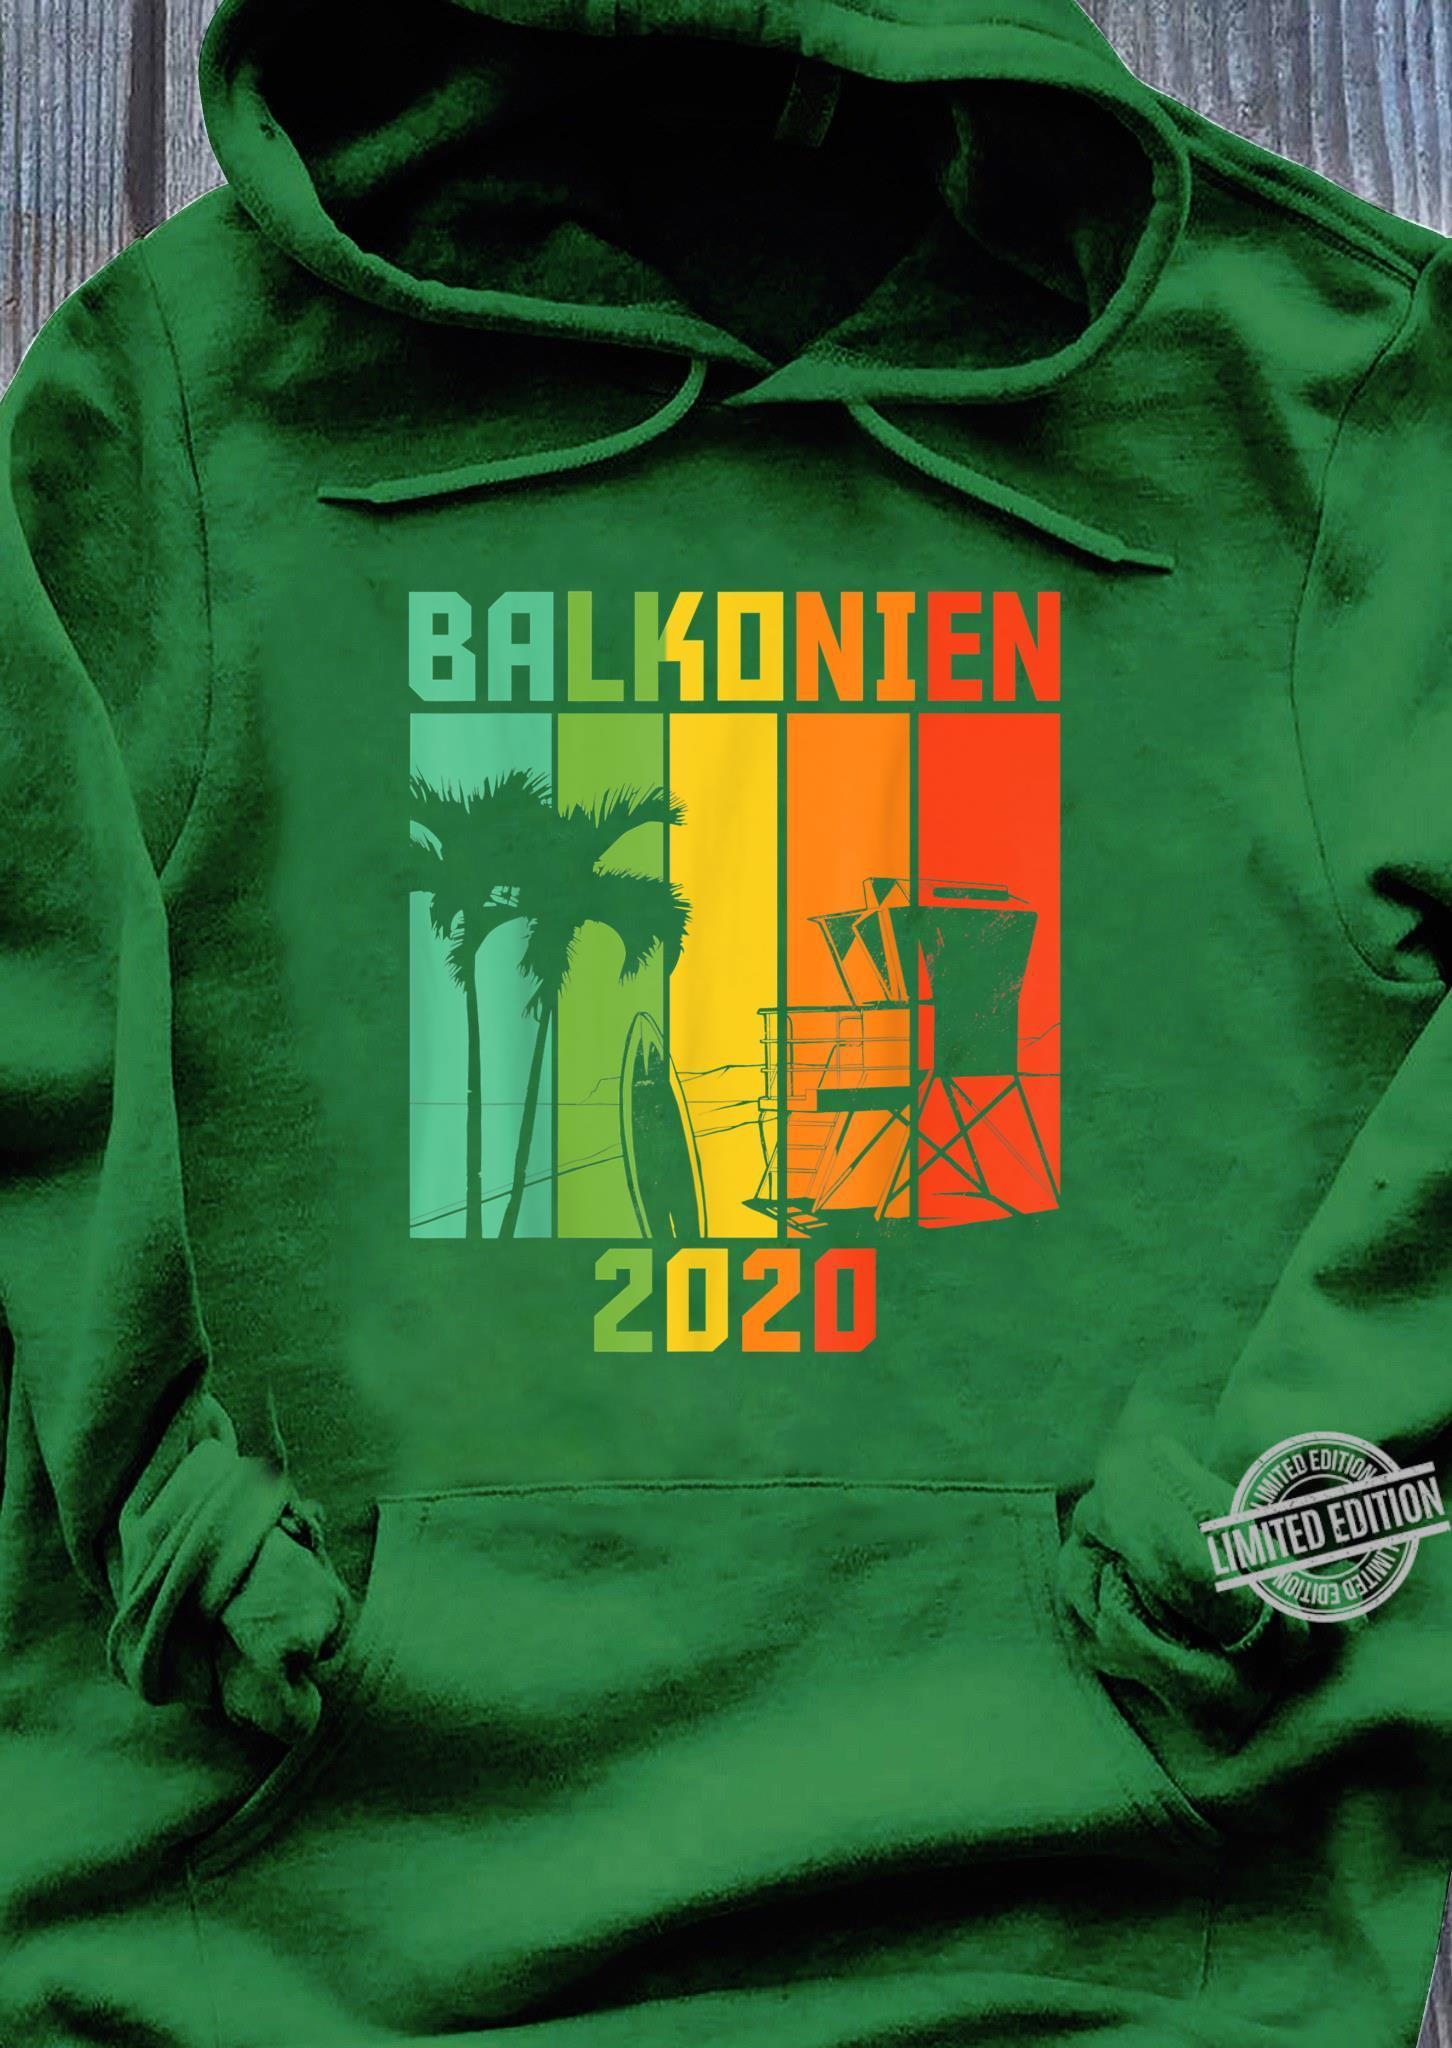 Balkonien 2020 Shirt hoodie